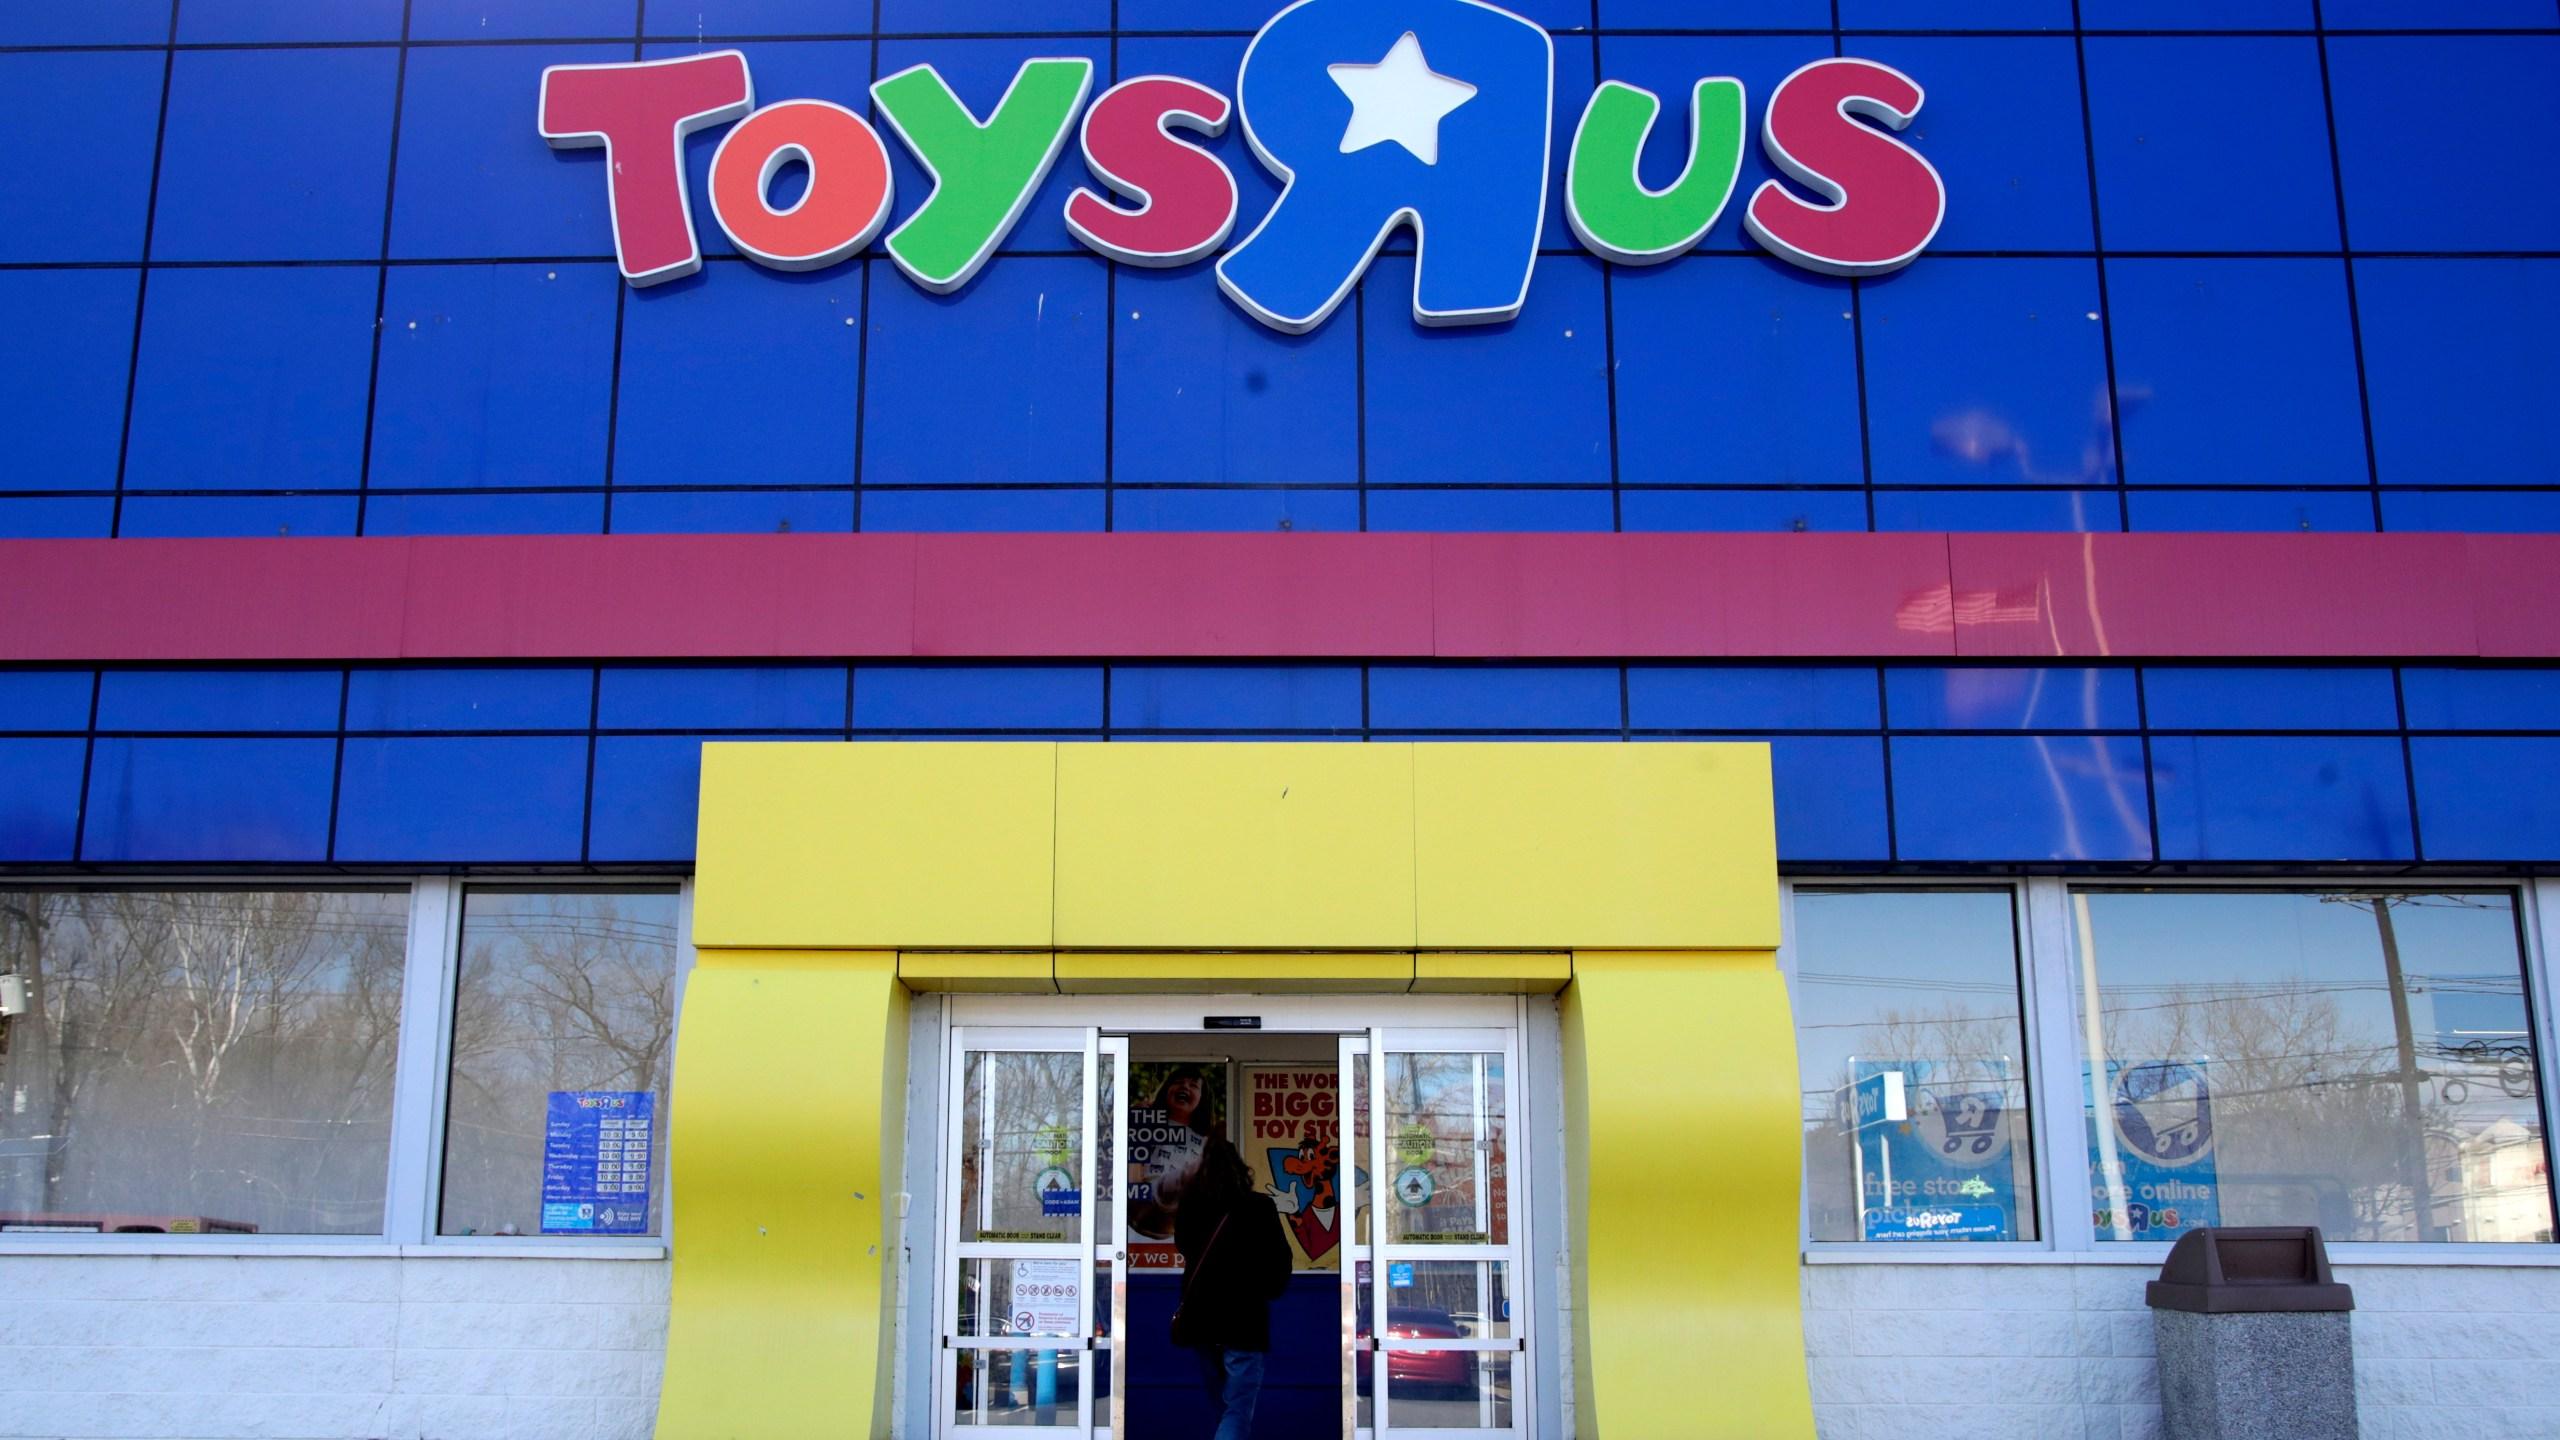 Toys_R_Us_Liquidation_21484-159532.jpg53372791